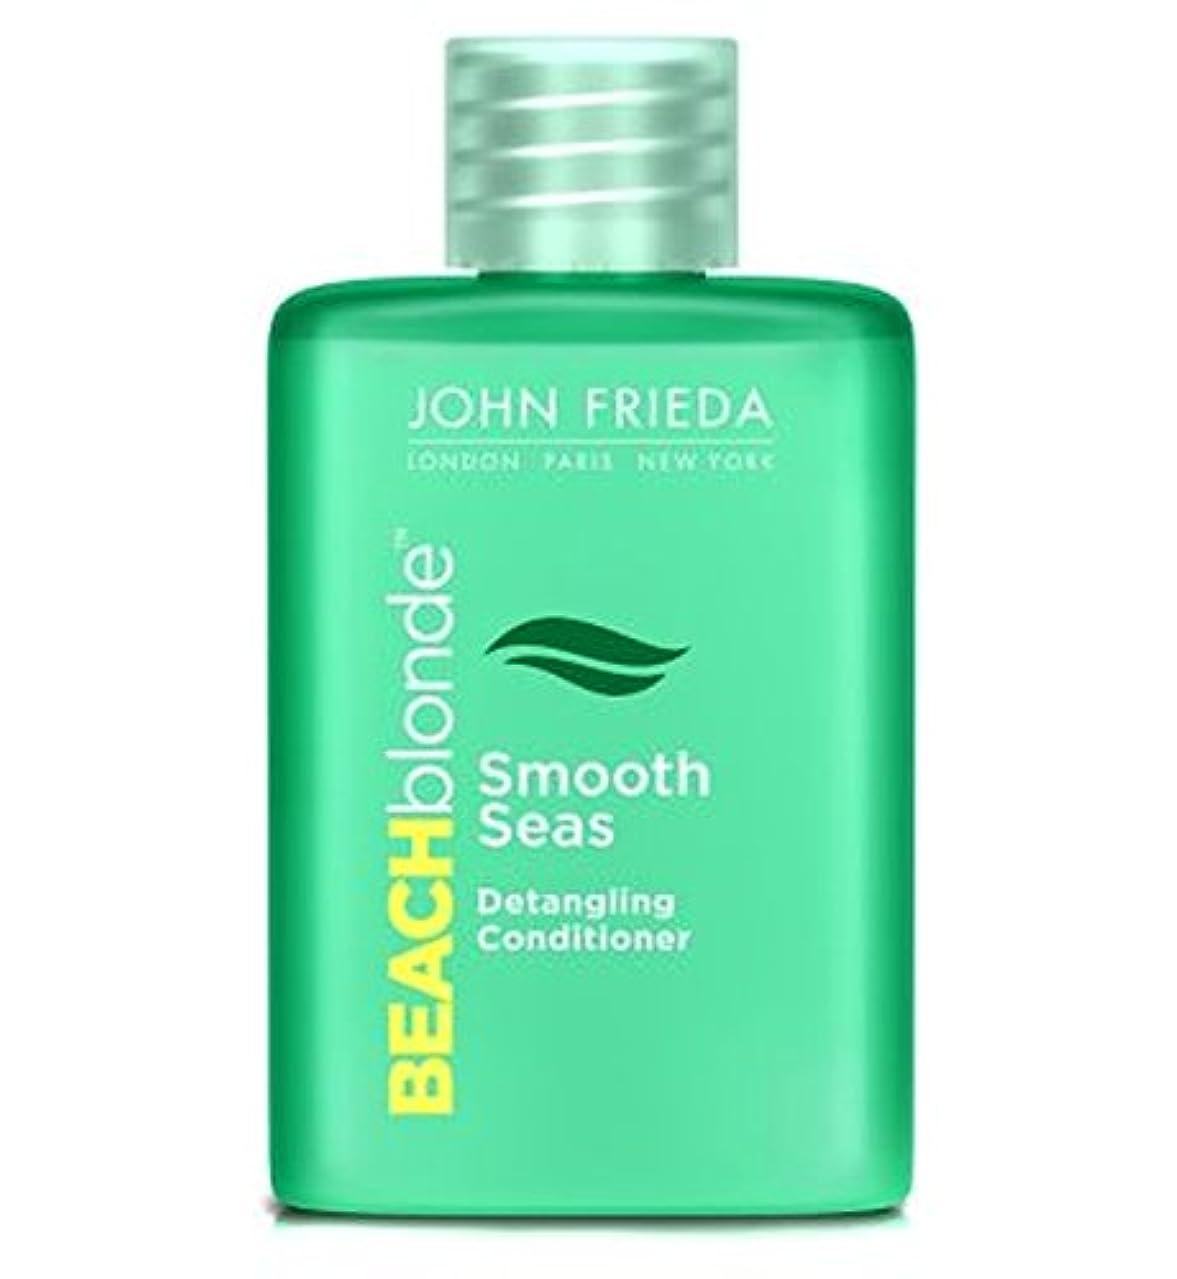 ステープルブロック批判コンディショナー50ミリリットルをもつれ解除ジョンFrieda?ビーチブロンド滑らかな海 (John Frieda) (x2) - John Frieda? Beach Blonde Smooth Seas Detangling...